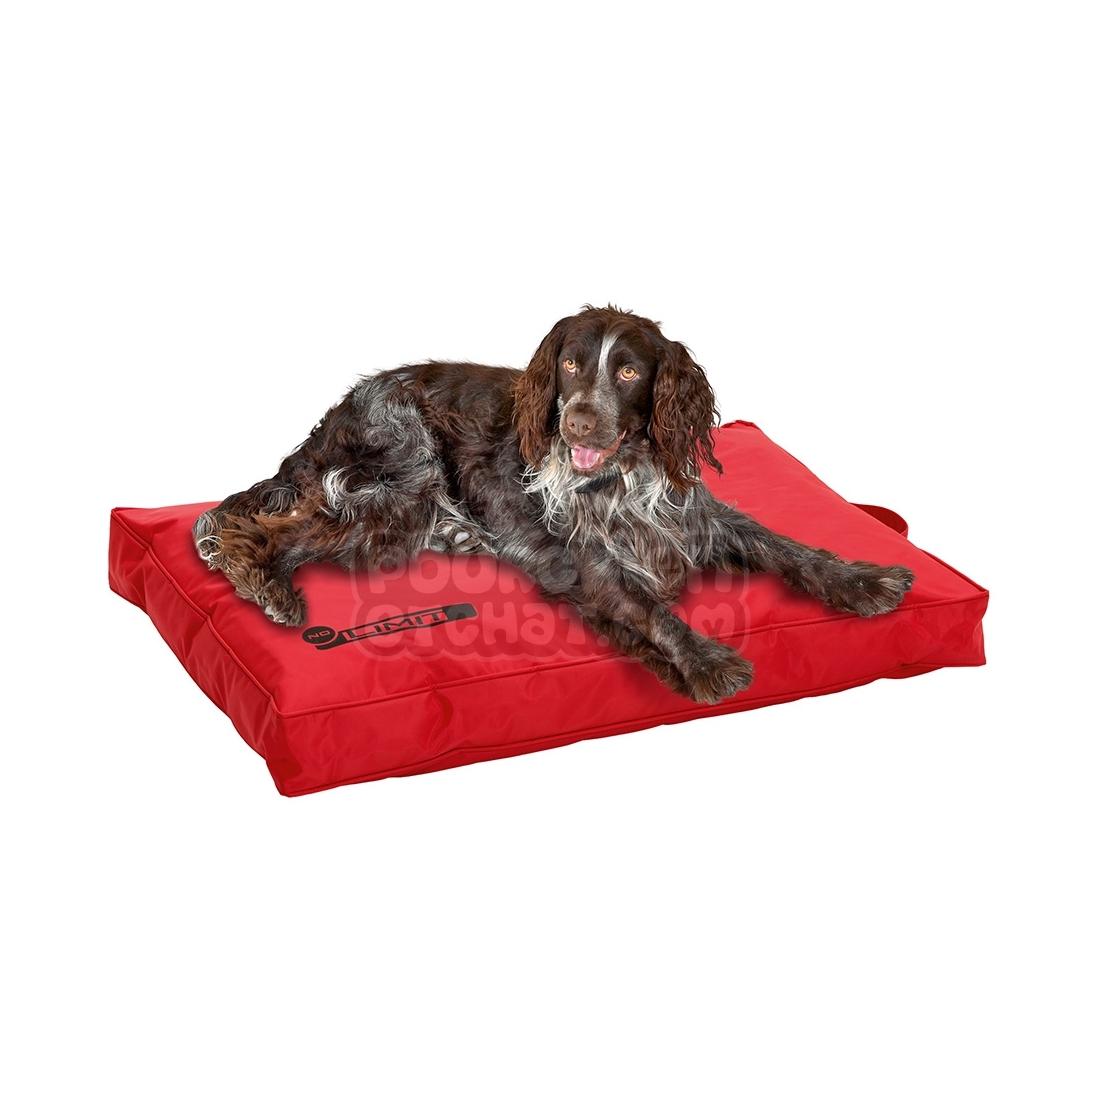 Coussin pour chien no limit rouge - Coussin pour chien ...